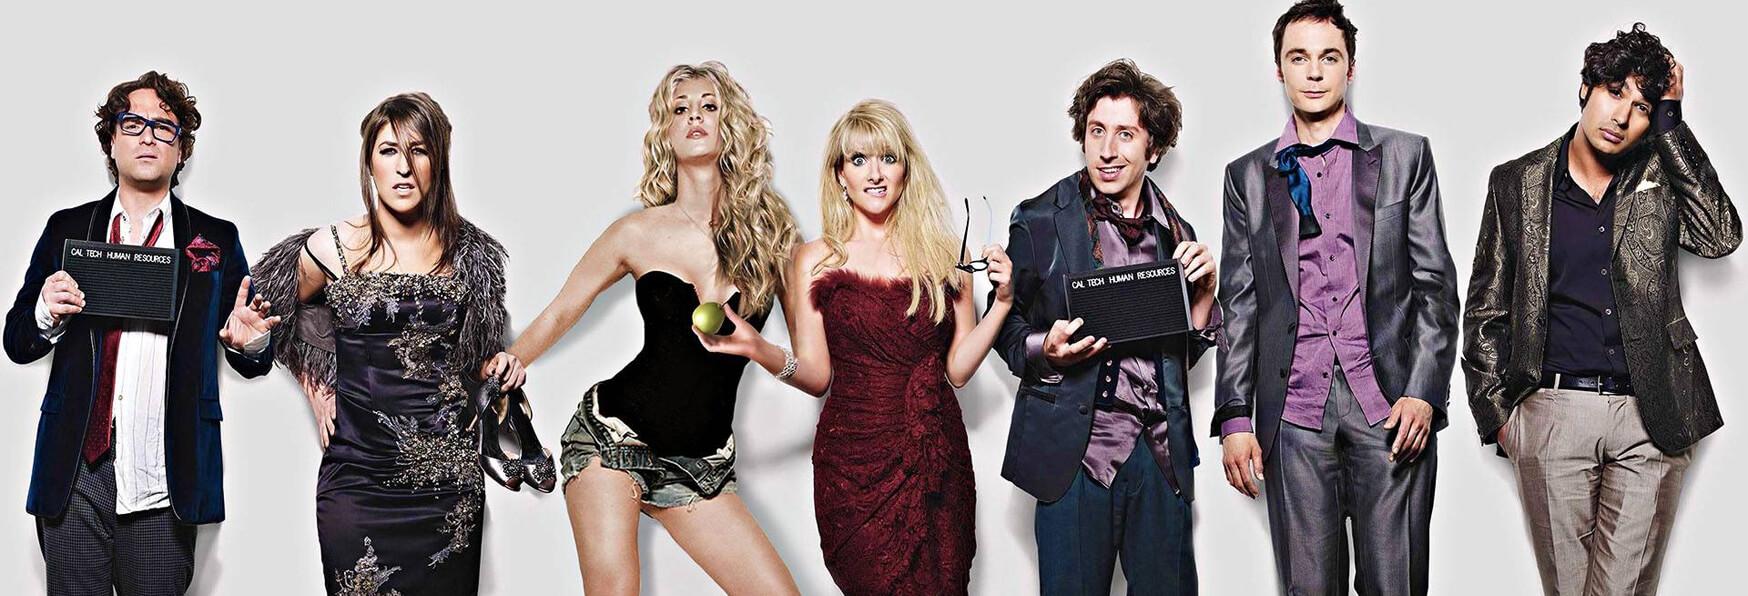 The Big Bang Theory: la Recensione dell'Episodio 12x01 e Promo del Successivo